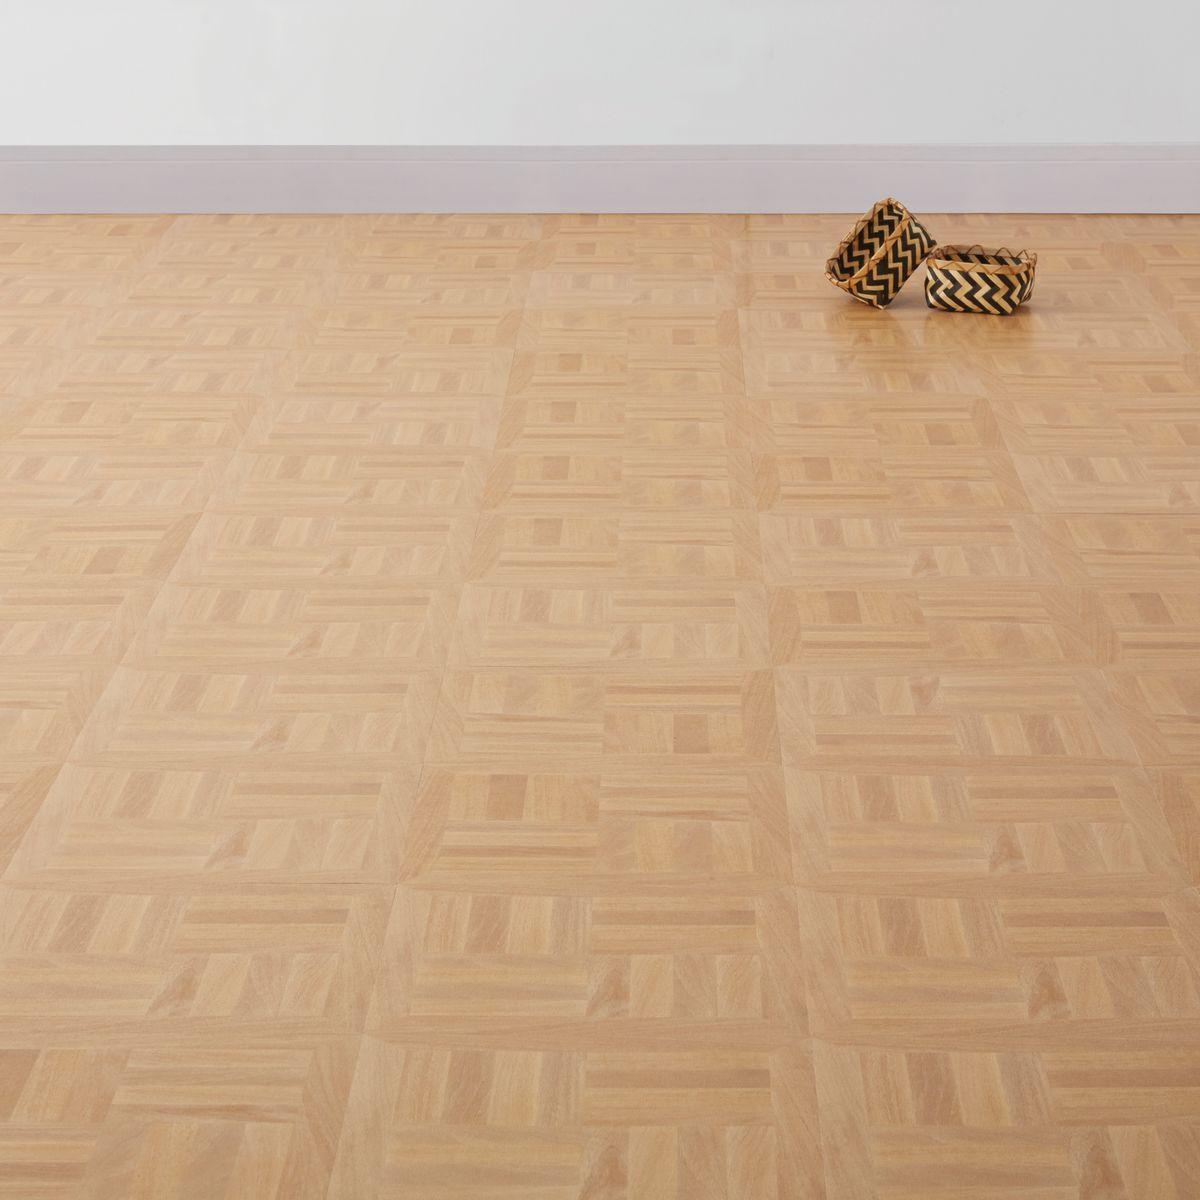 Pavimento vinilico opinioni trendy vendita click design - Piastrelle finto legno costo ...